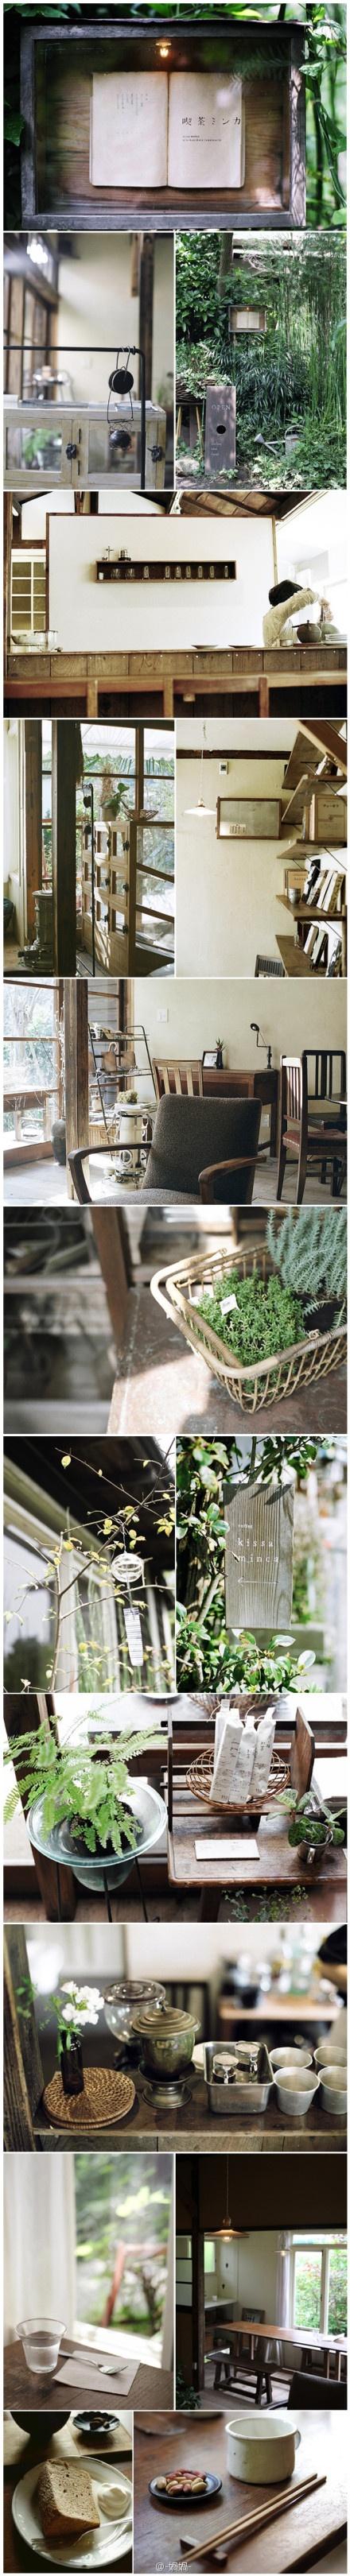 北鎌倉的 ⊕喫茶ミンカ⊕,由日本老房子改建,保留了大量的古董的傢俱,自製的麵包和鎌倉小菜,一周只開放四天,是一間隱蔽的如世外桃源的小店。 神奈川県鎌倉市山ノ内377-2